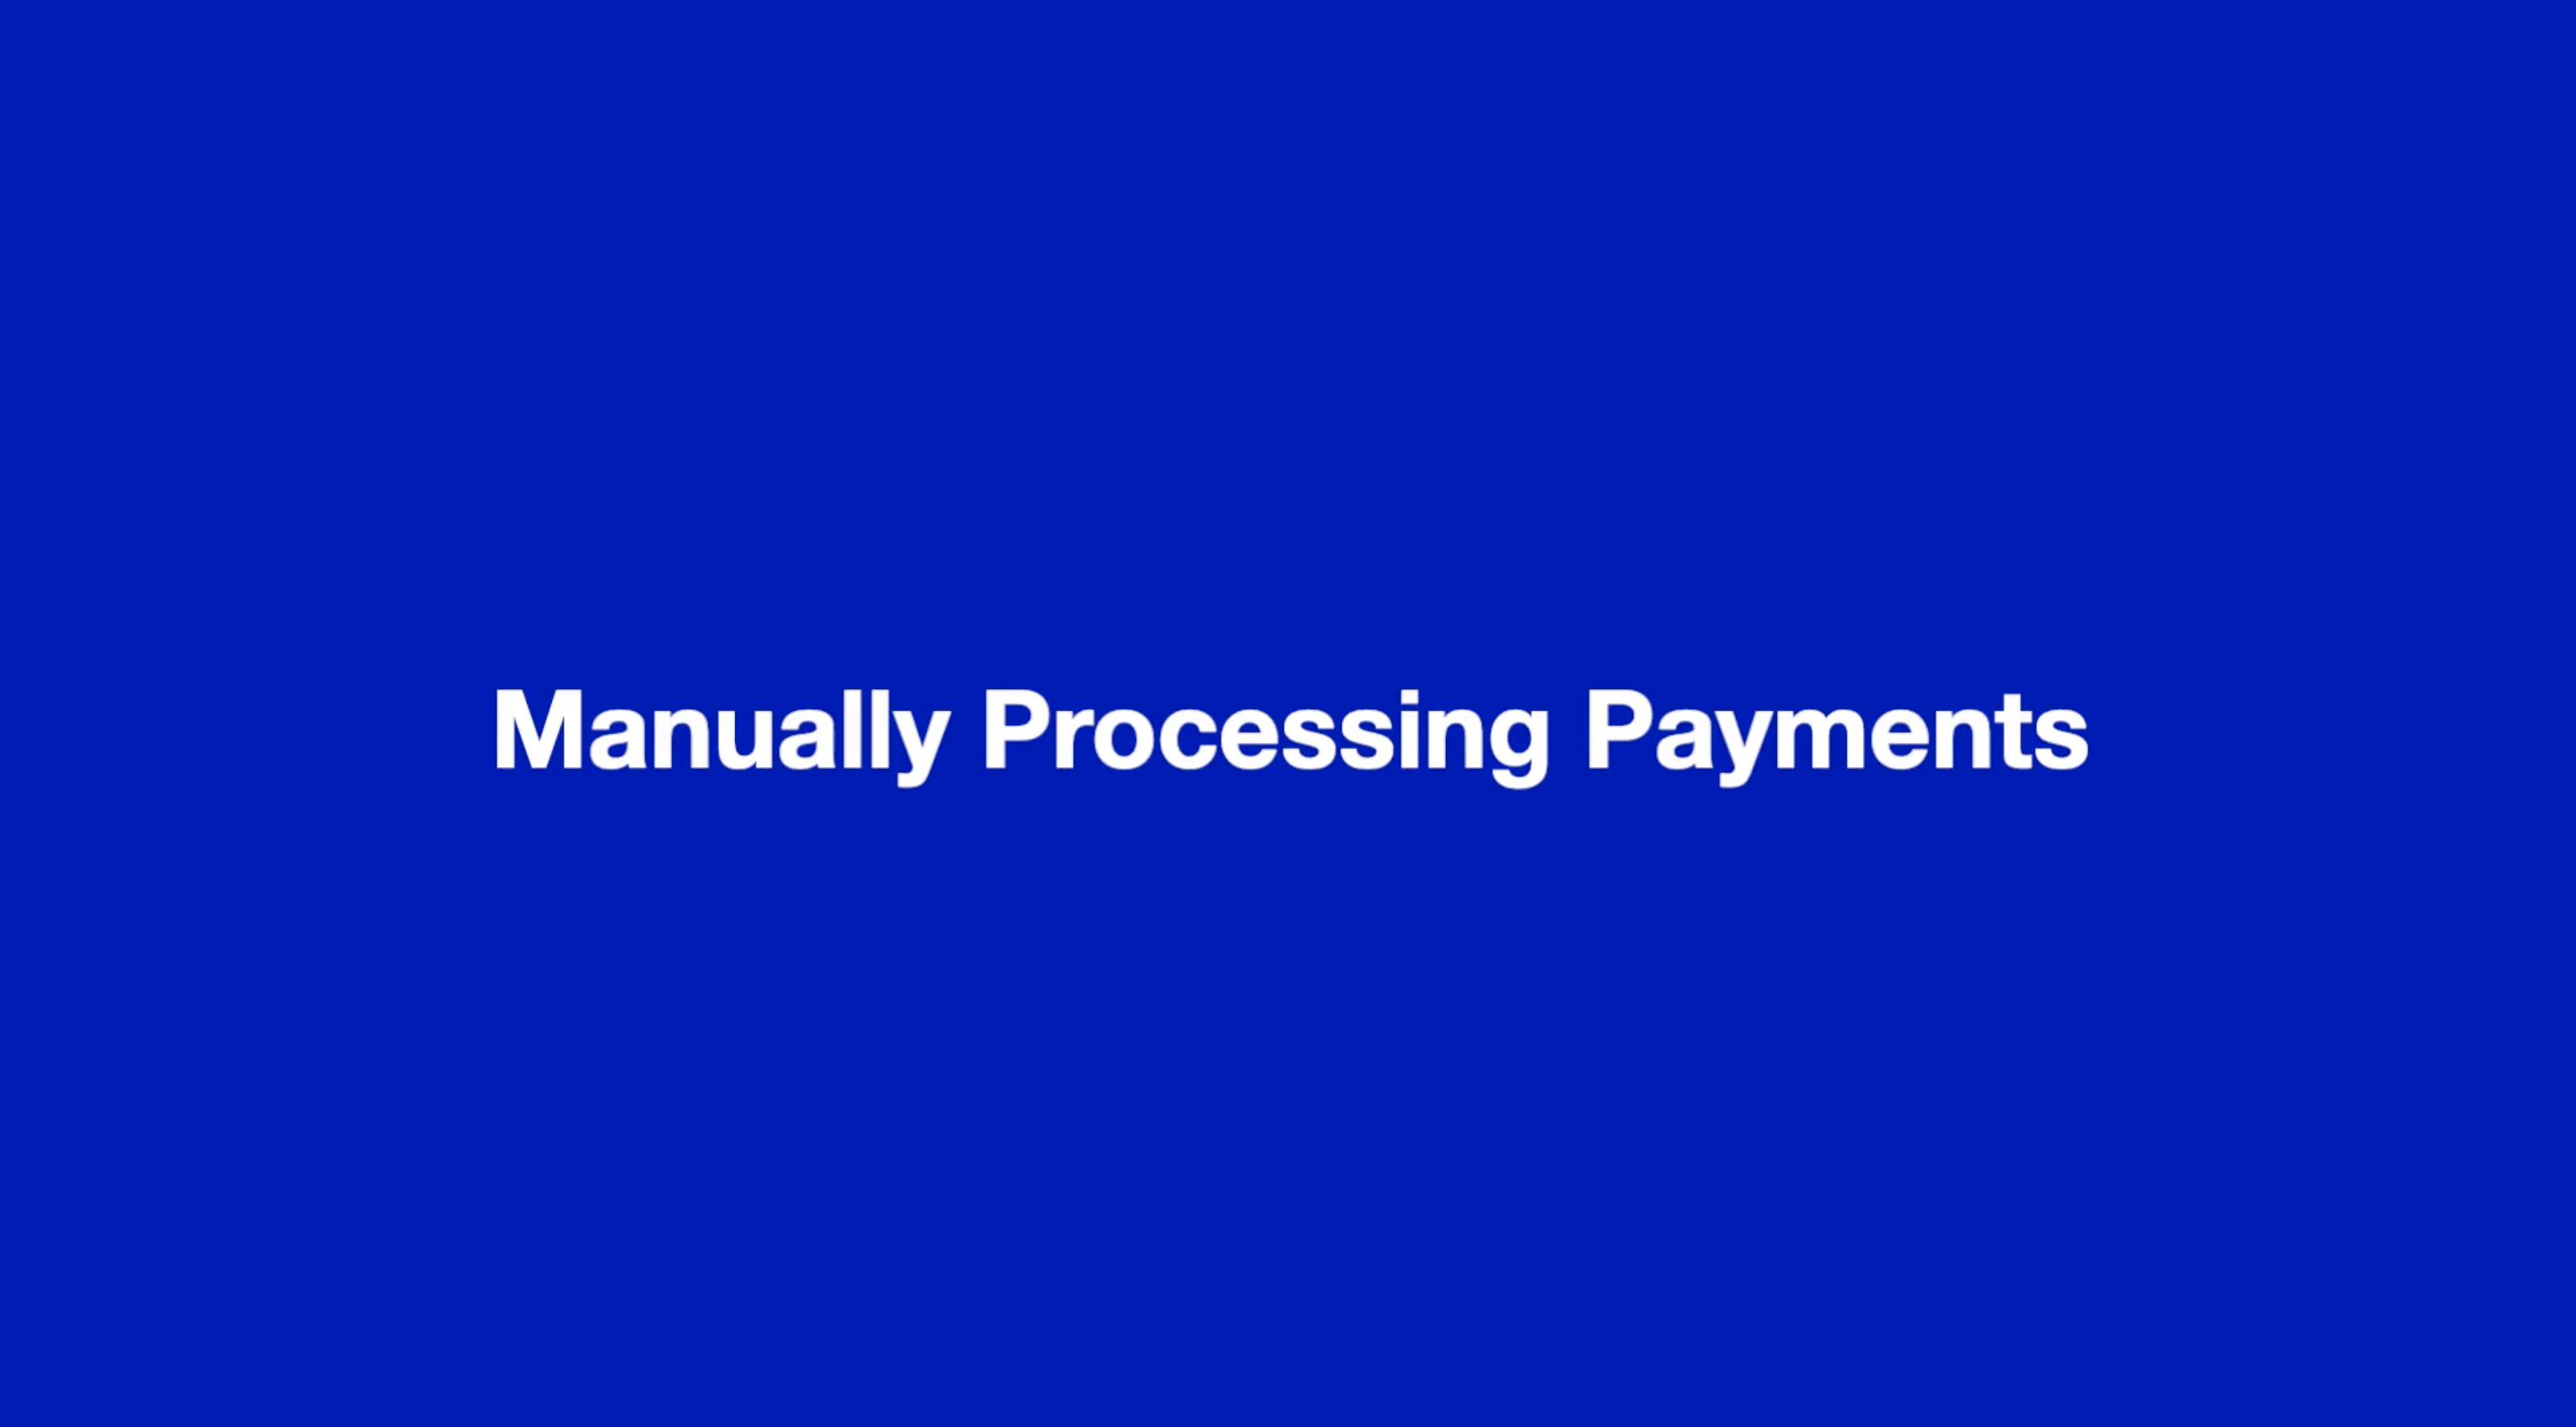 Manually Processing payments thumbnail